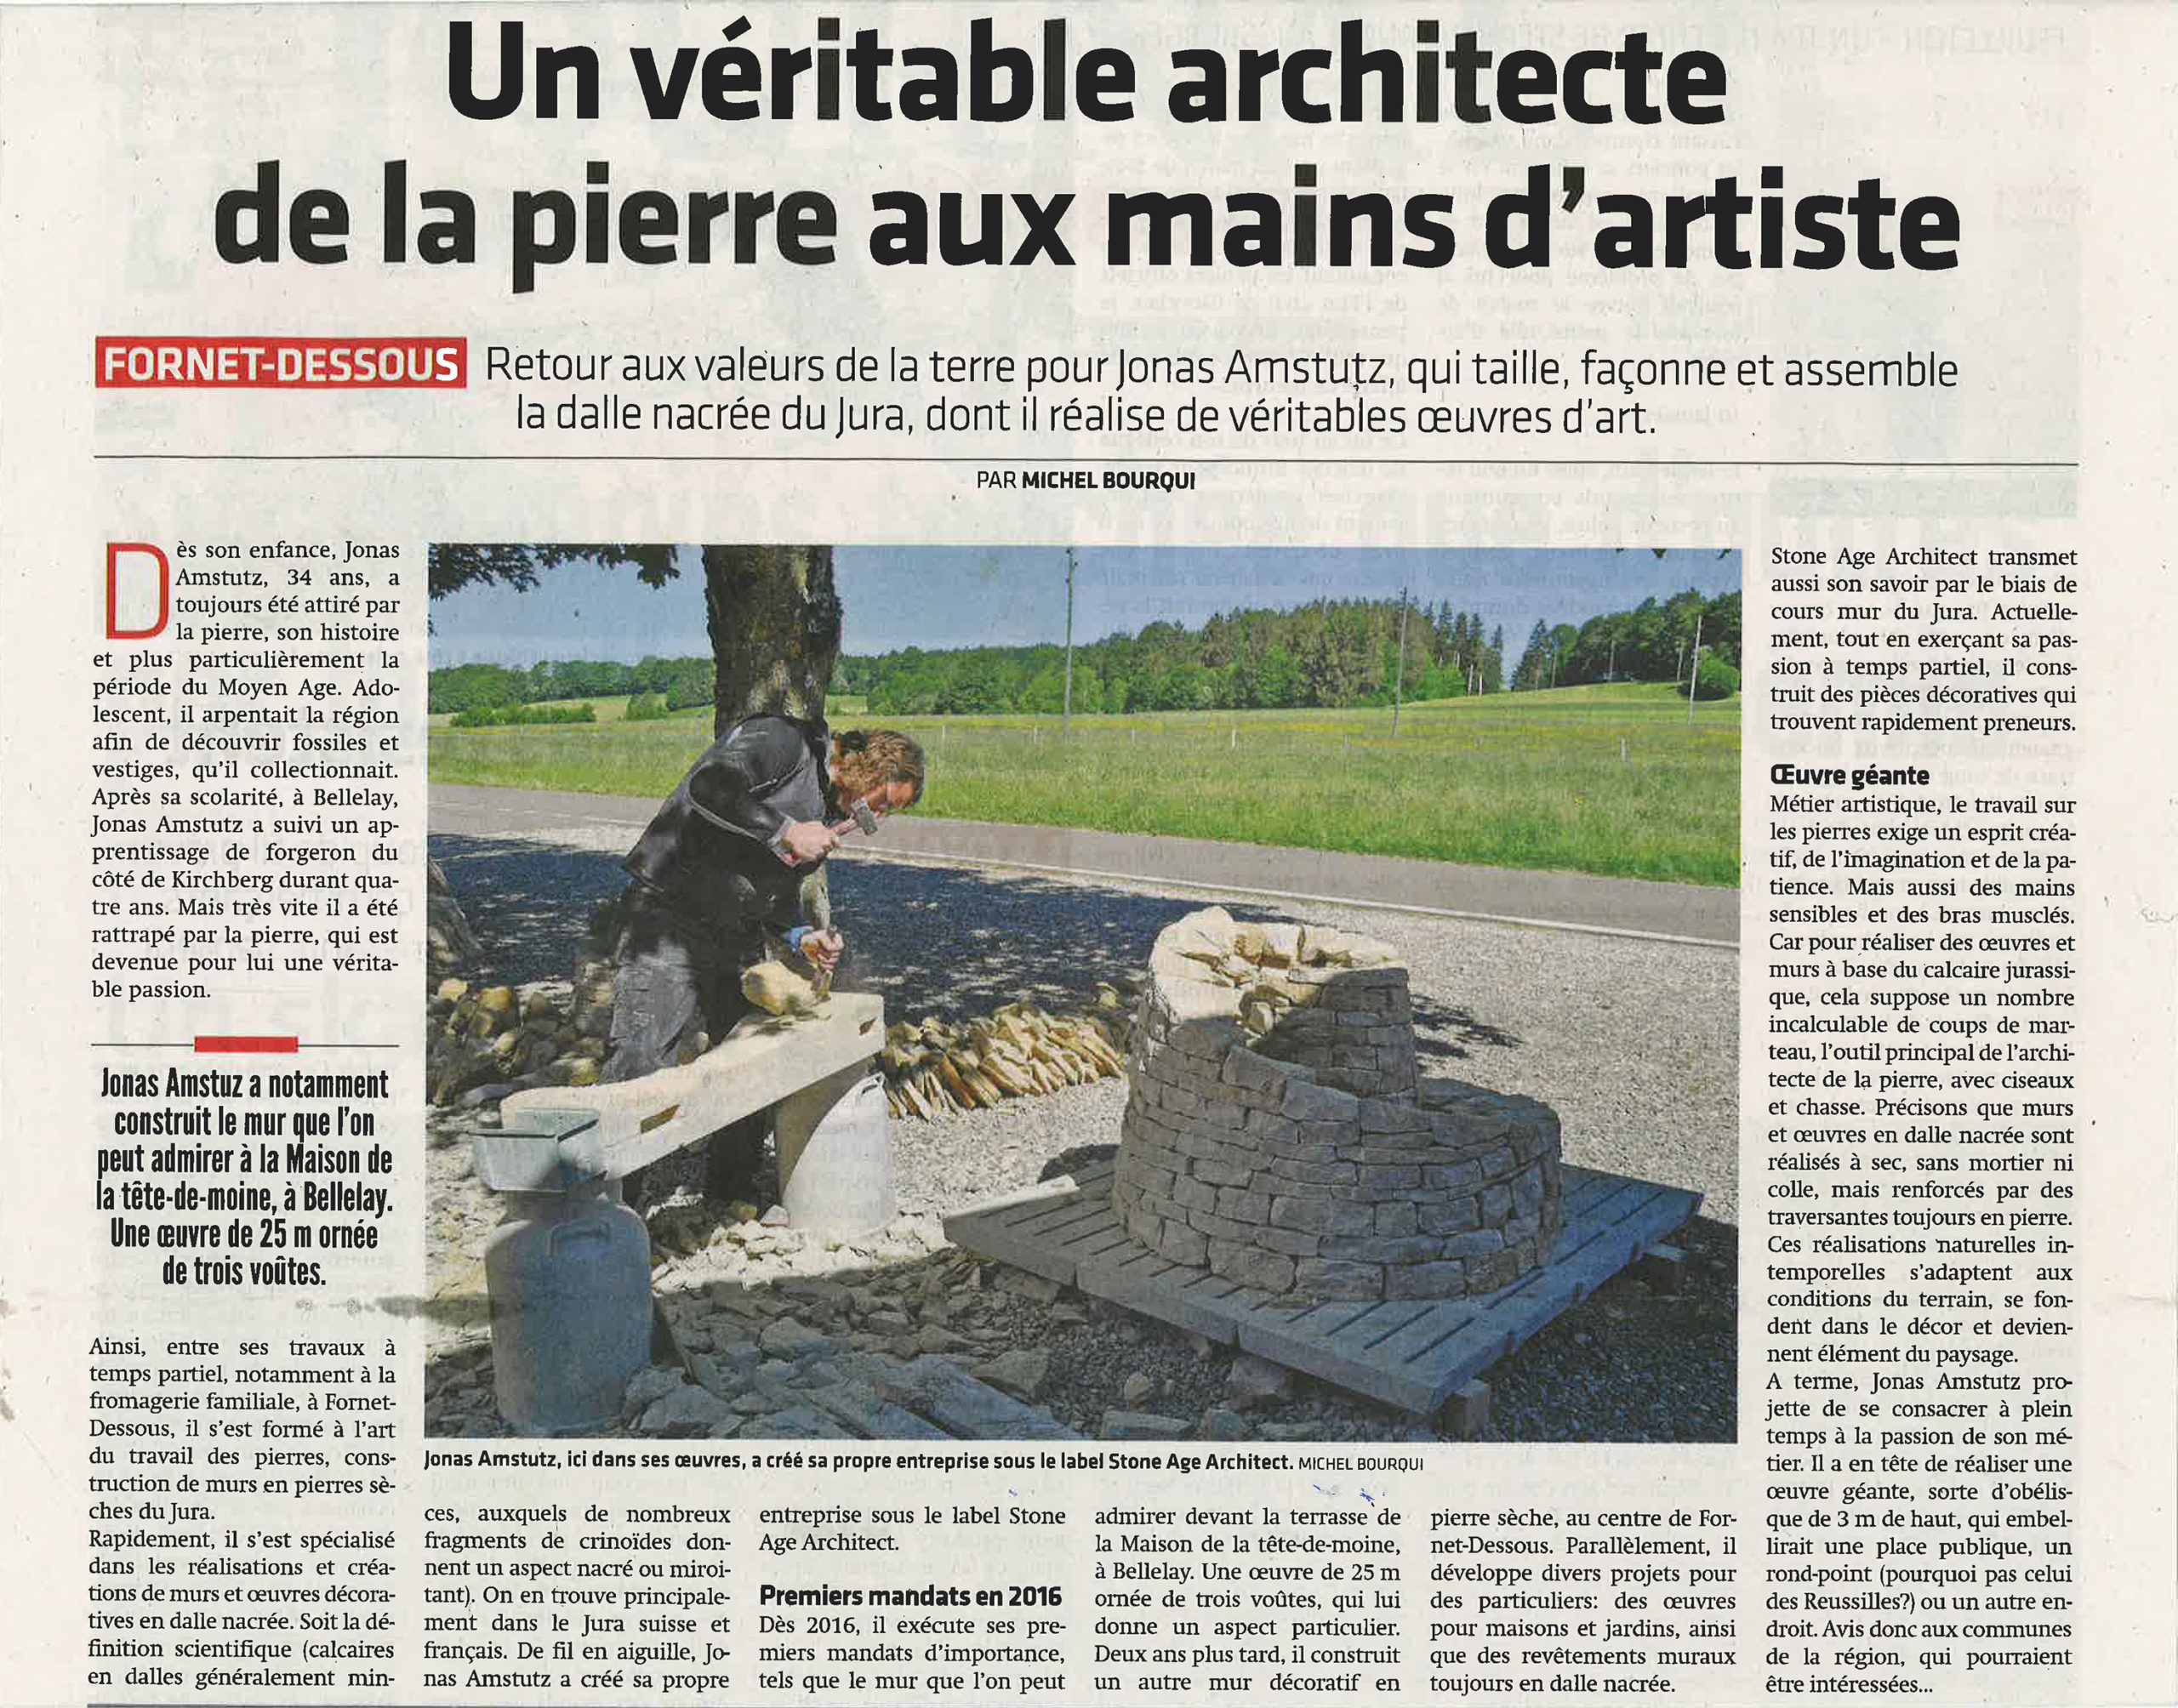 Artikel im Jurnal du Jura über Jonas Amstutz und Stone Age Architect